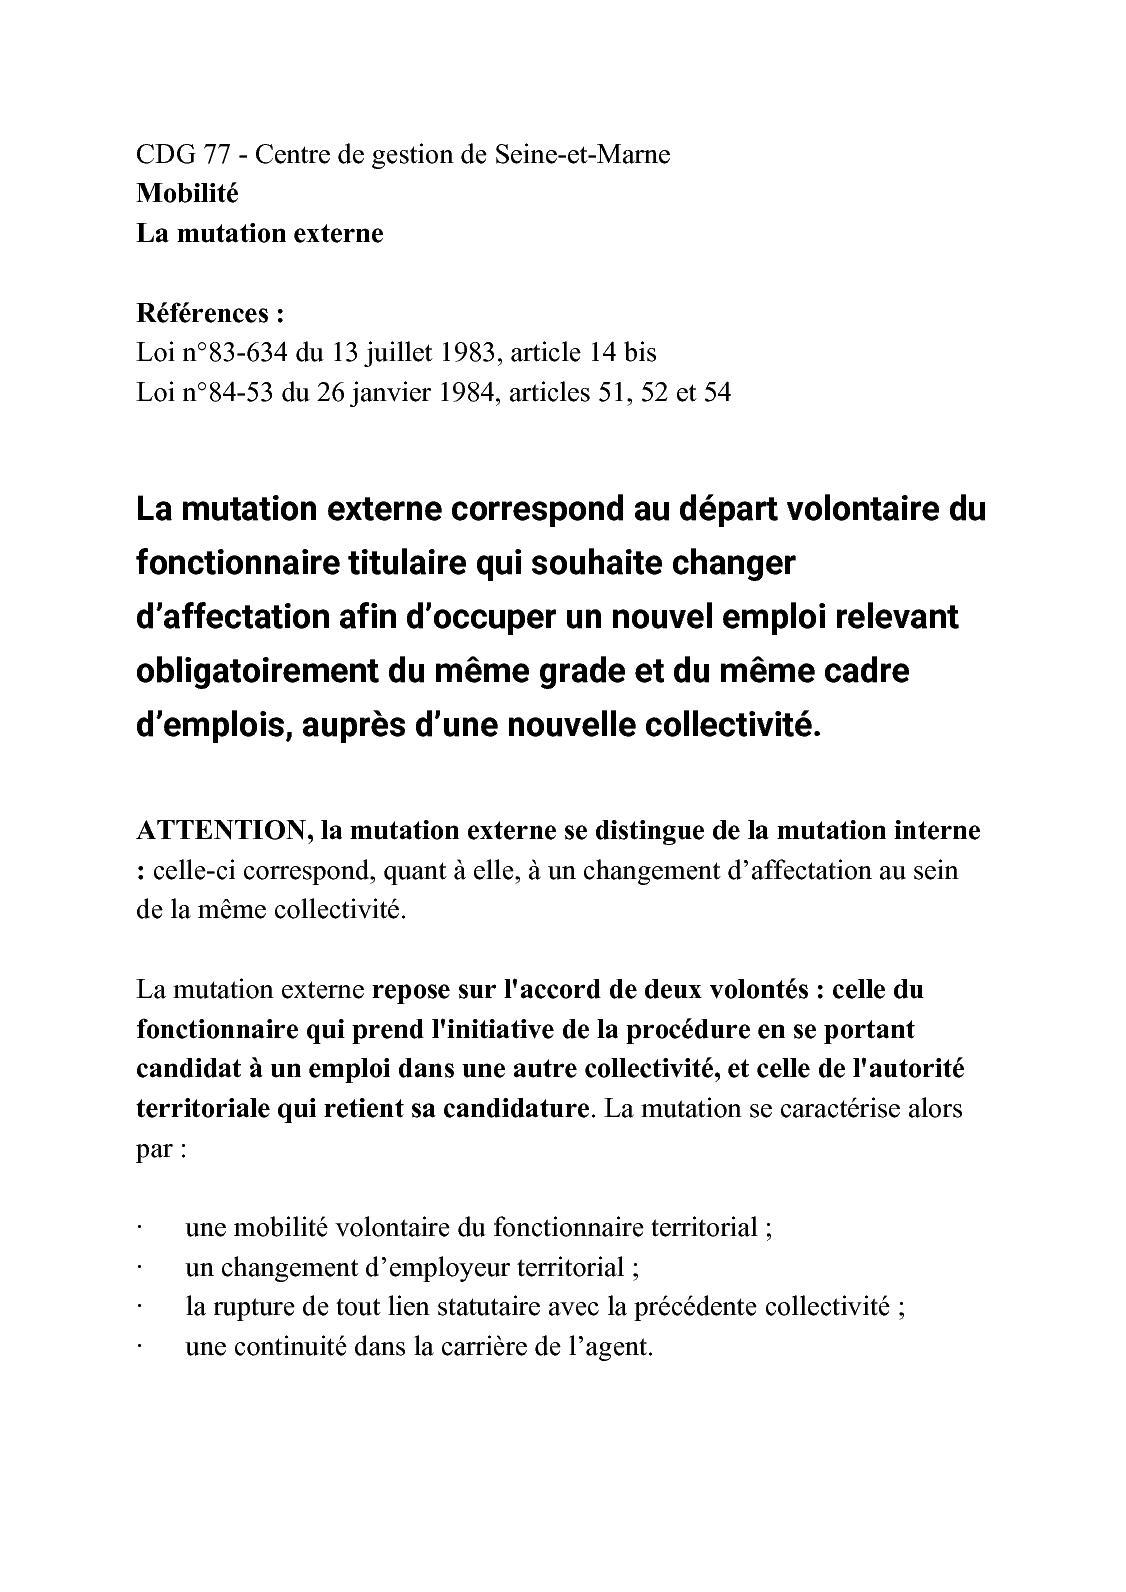 b6338ad9e34 Calaméo - Mutation Externe Fiche Cdg 77 Centre De Gestion De Seine Et Marne